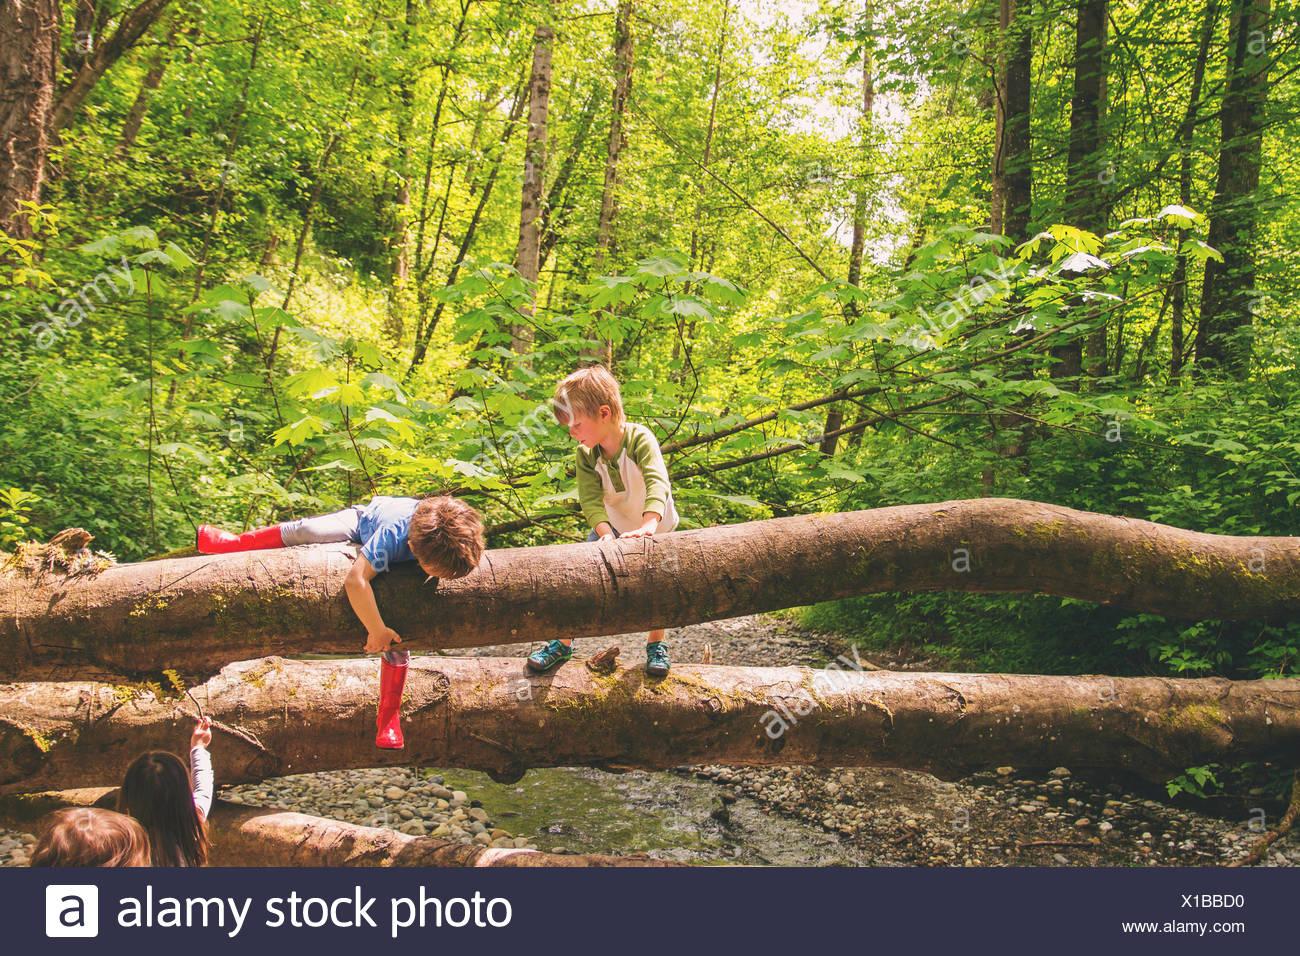 Dos muchachos escalar árboles por un arroyo Imagen De Stock